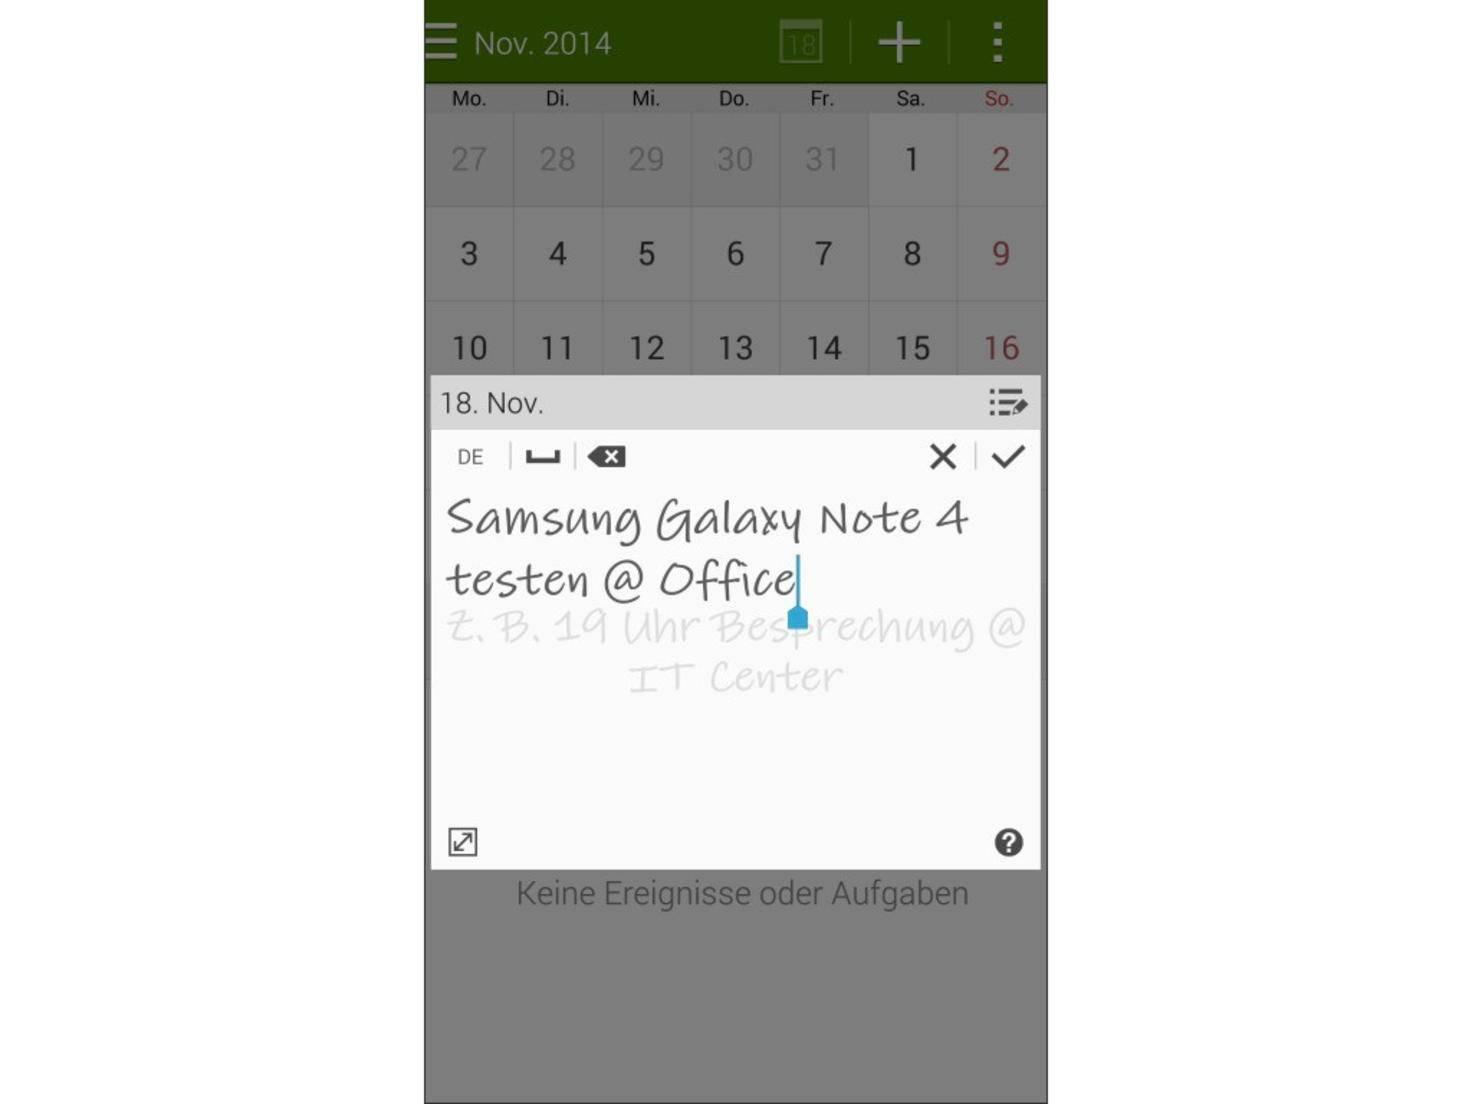 Das Galaxy Note 4 erkennt die Handschrift des Nutzers.